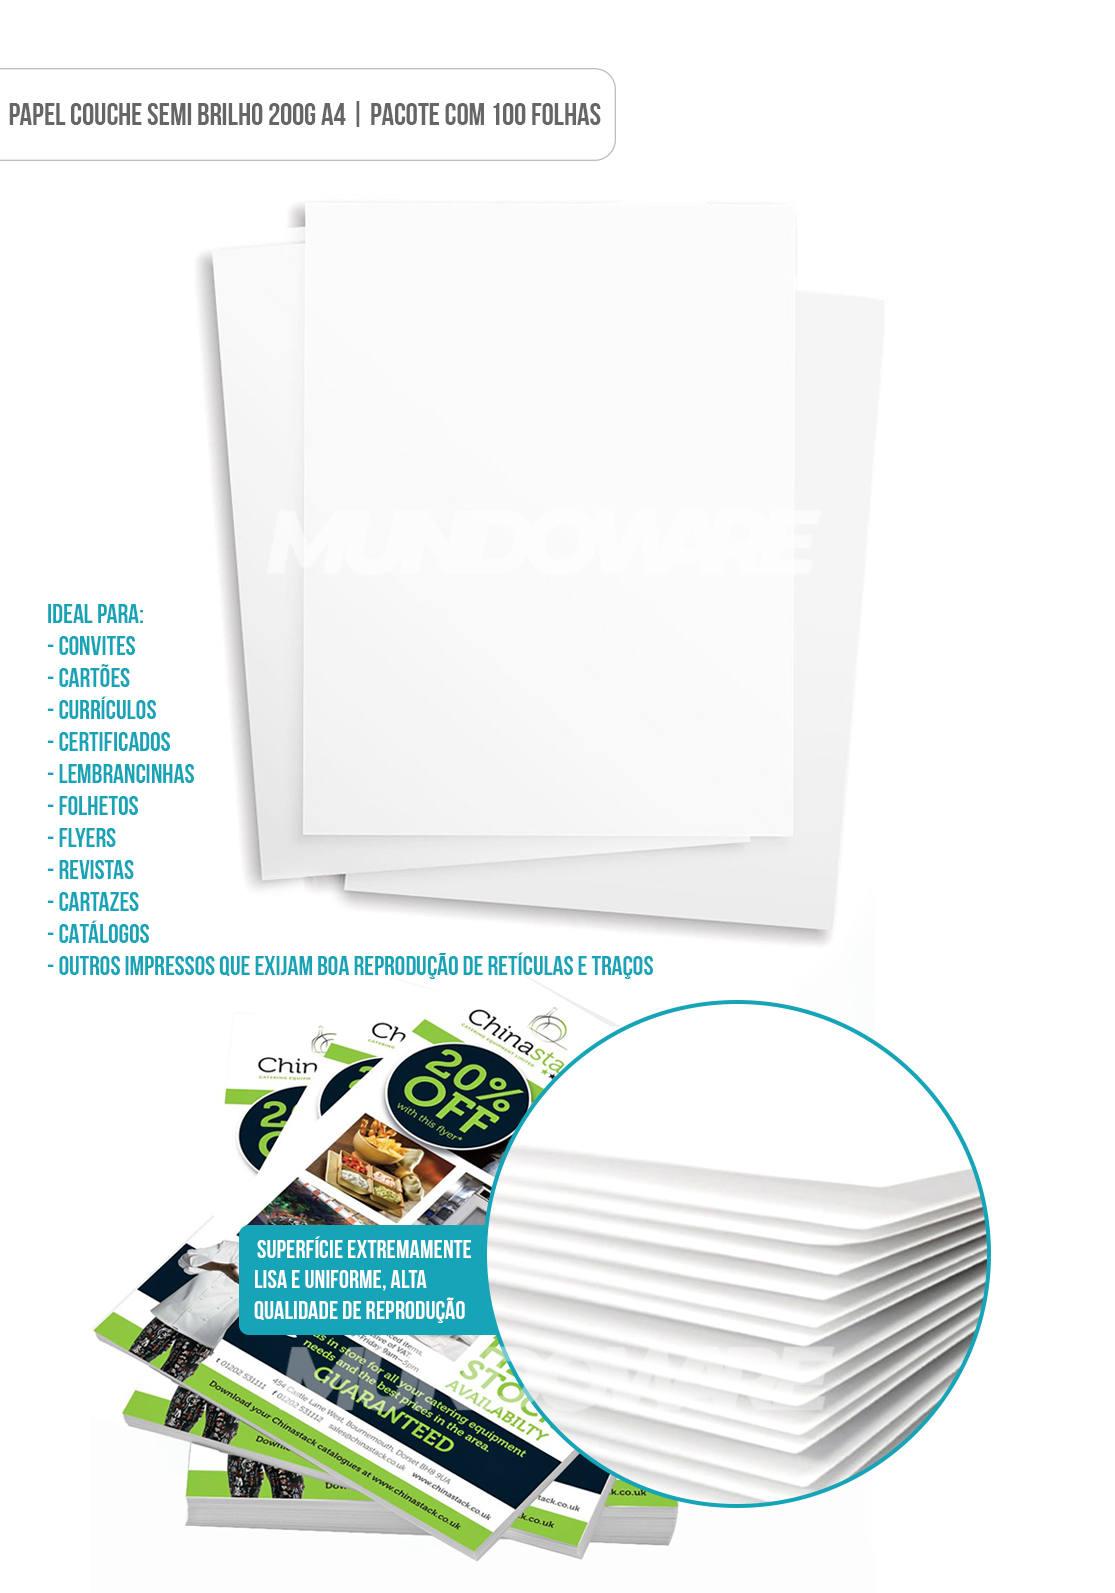 Papel Couchê Fosco 200g A4 Branco Premium com 100 Folhas